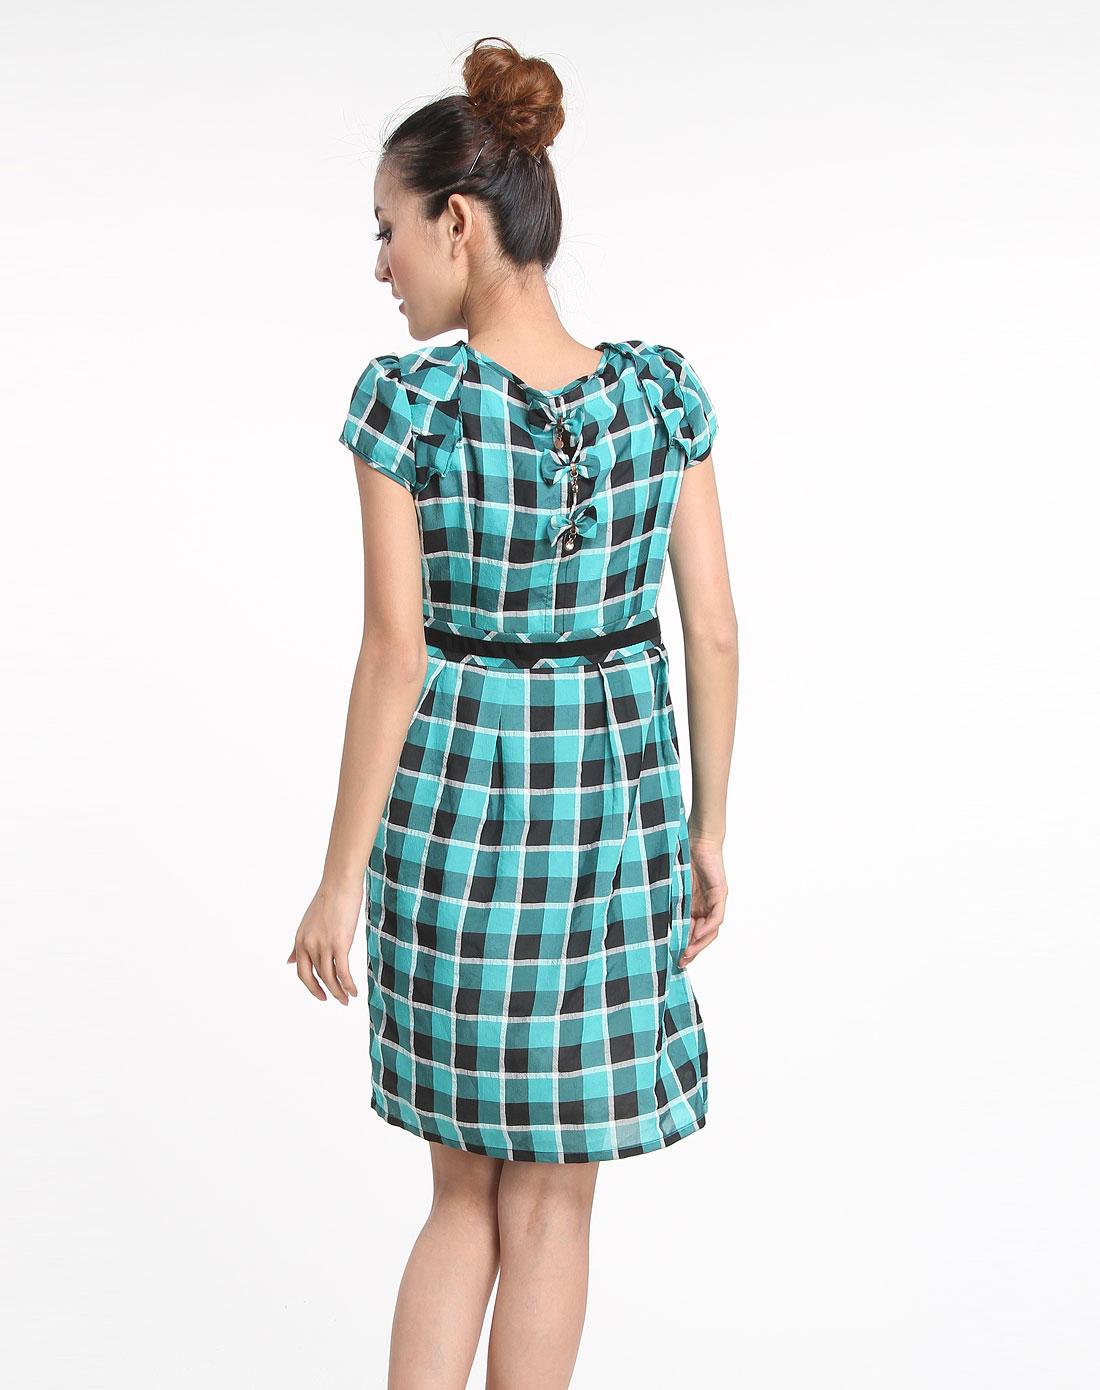 绿色格纹短袖连衣裙